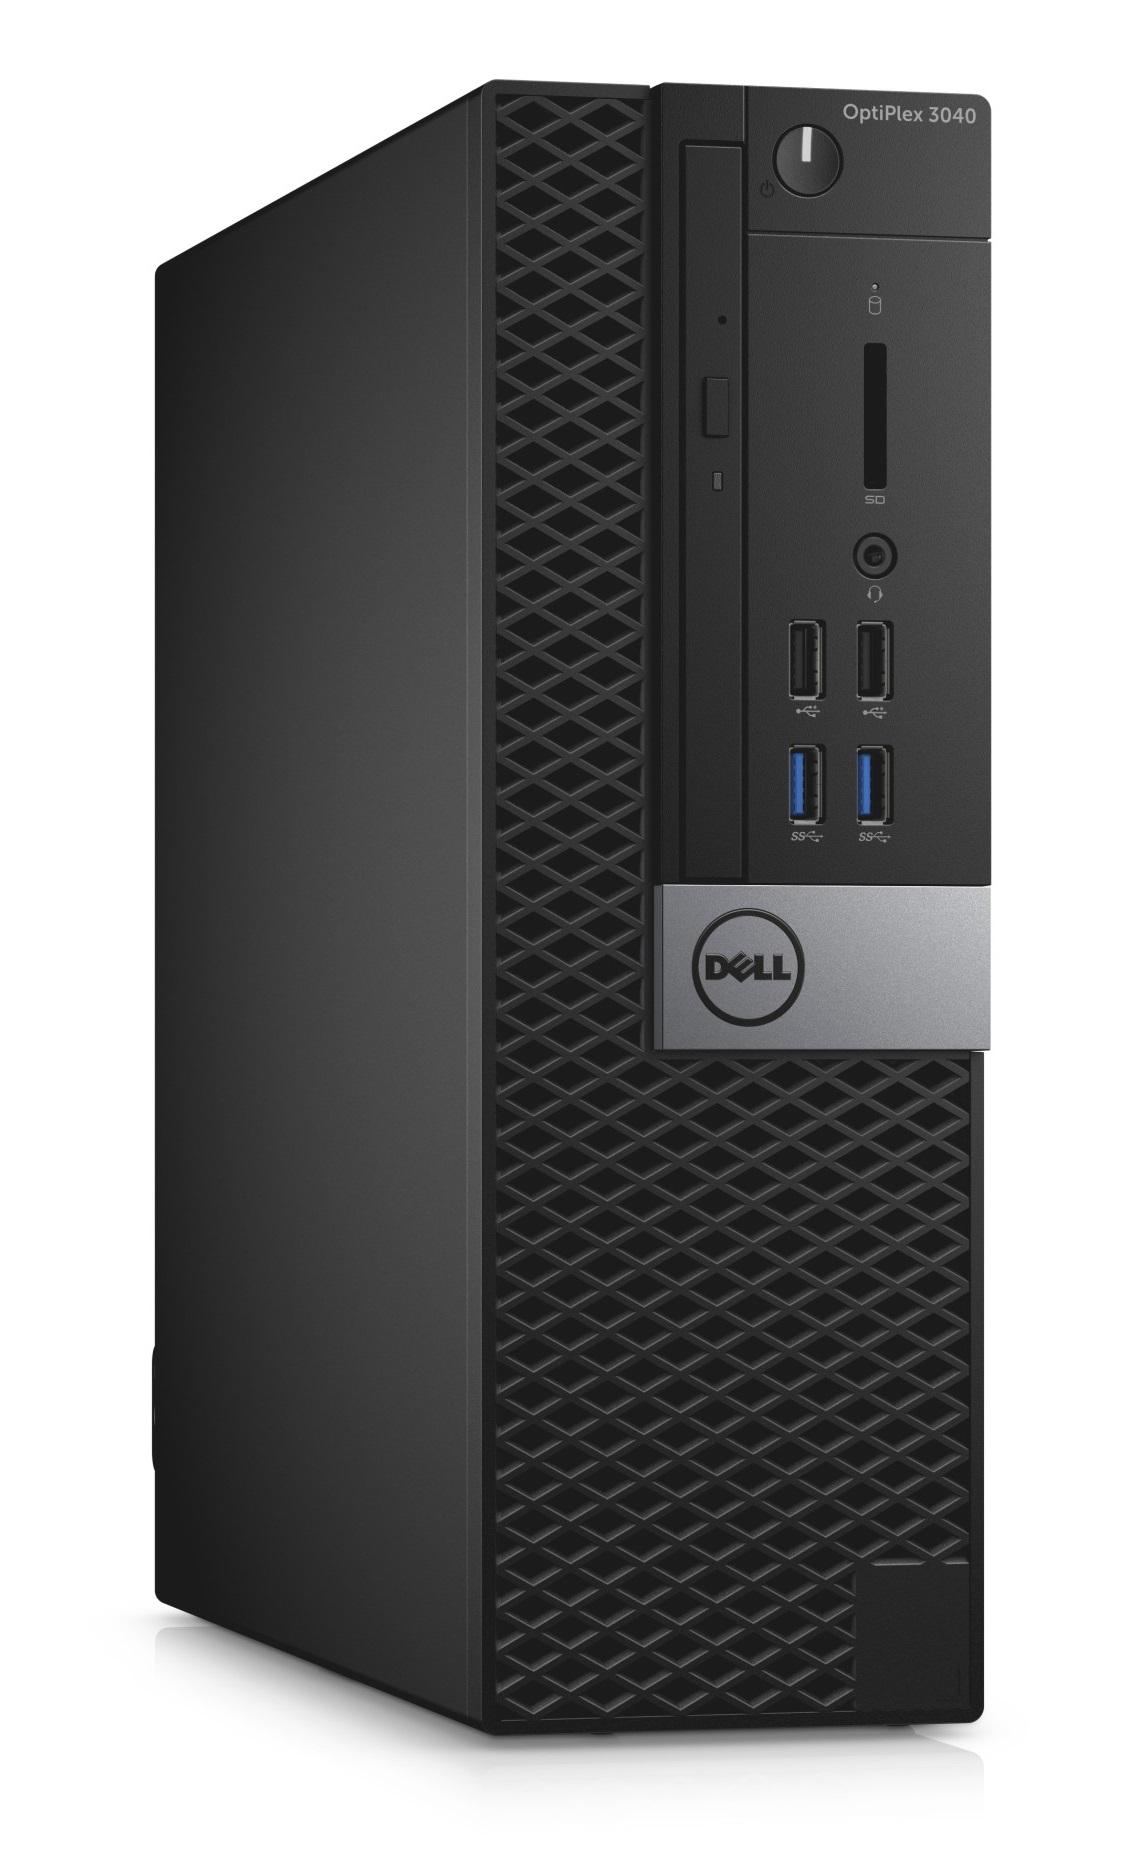 DELL OptiPlex SFF 3040 Pentium G4400/4GB/500GB/Intel HD/Win7 PRO - Win 10 64bit/3Yr NBD